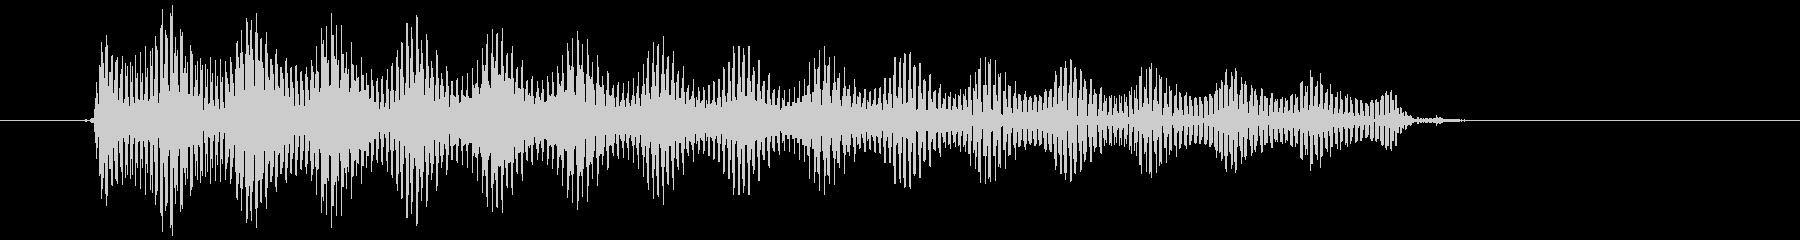 古い印象のギター音#03の未再生の波形